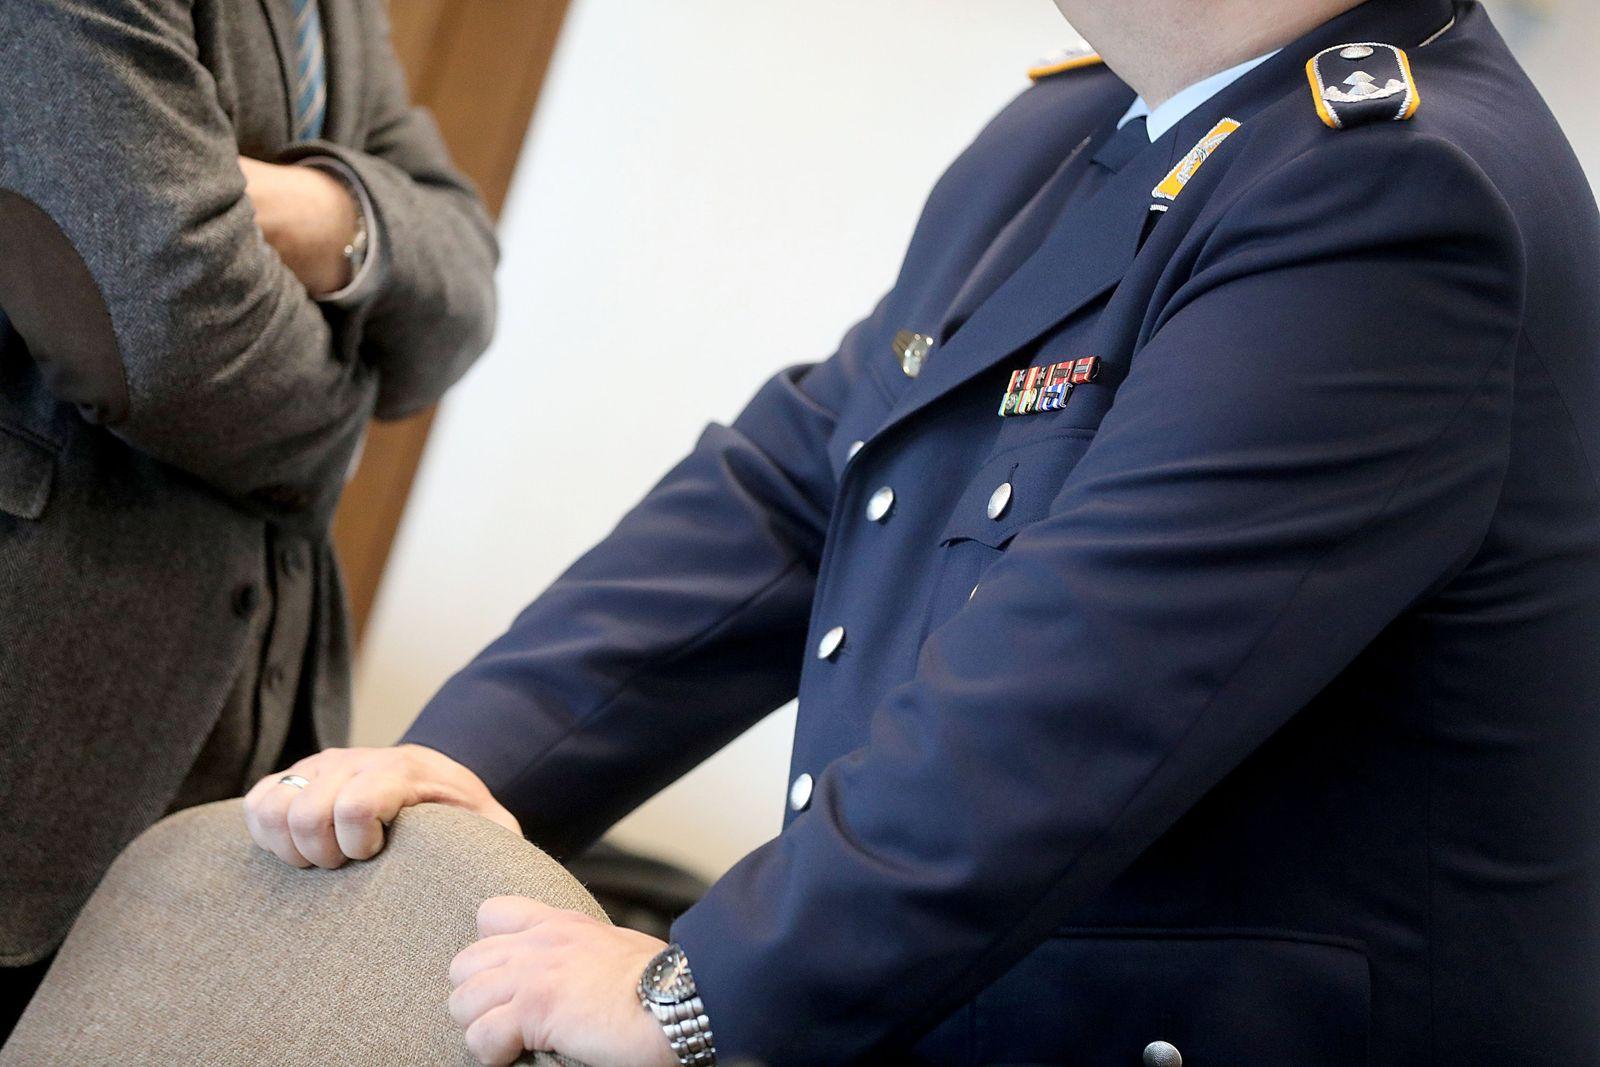 Staatsanwältin fordert Haftstrafe auf Bewährung für MAD-Offizier